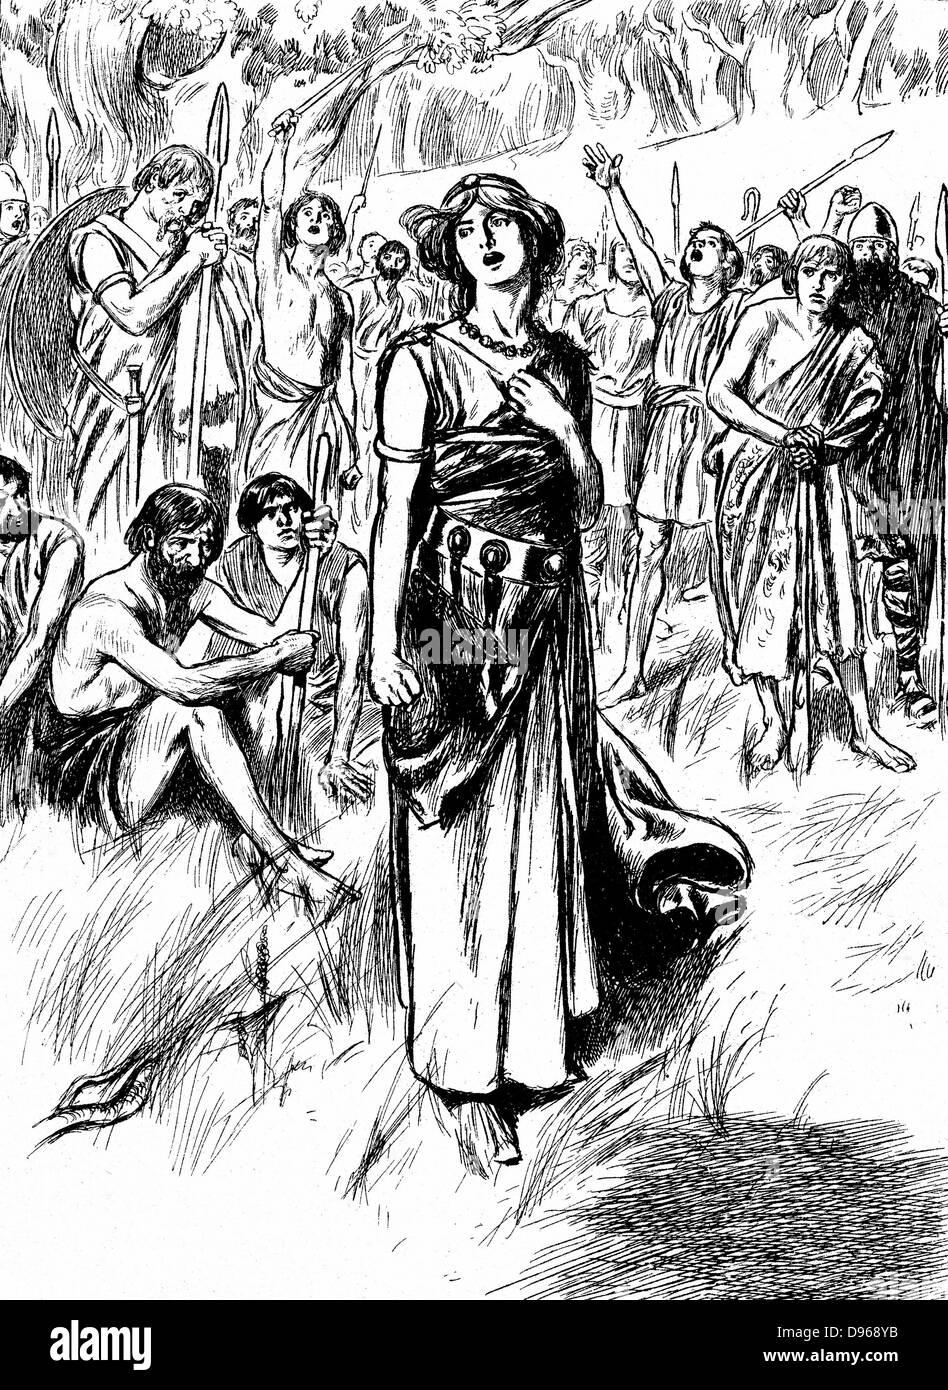 Boudicca (Boadicea) Lst Jahrhundert britische Königin der Icener, sammeln ihre Truppen. Schließlich überwältigt Stockbild